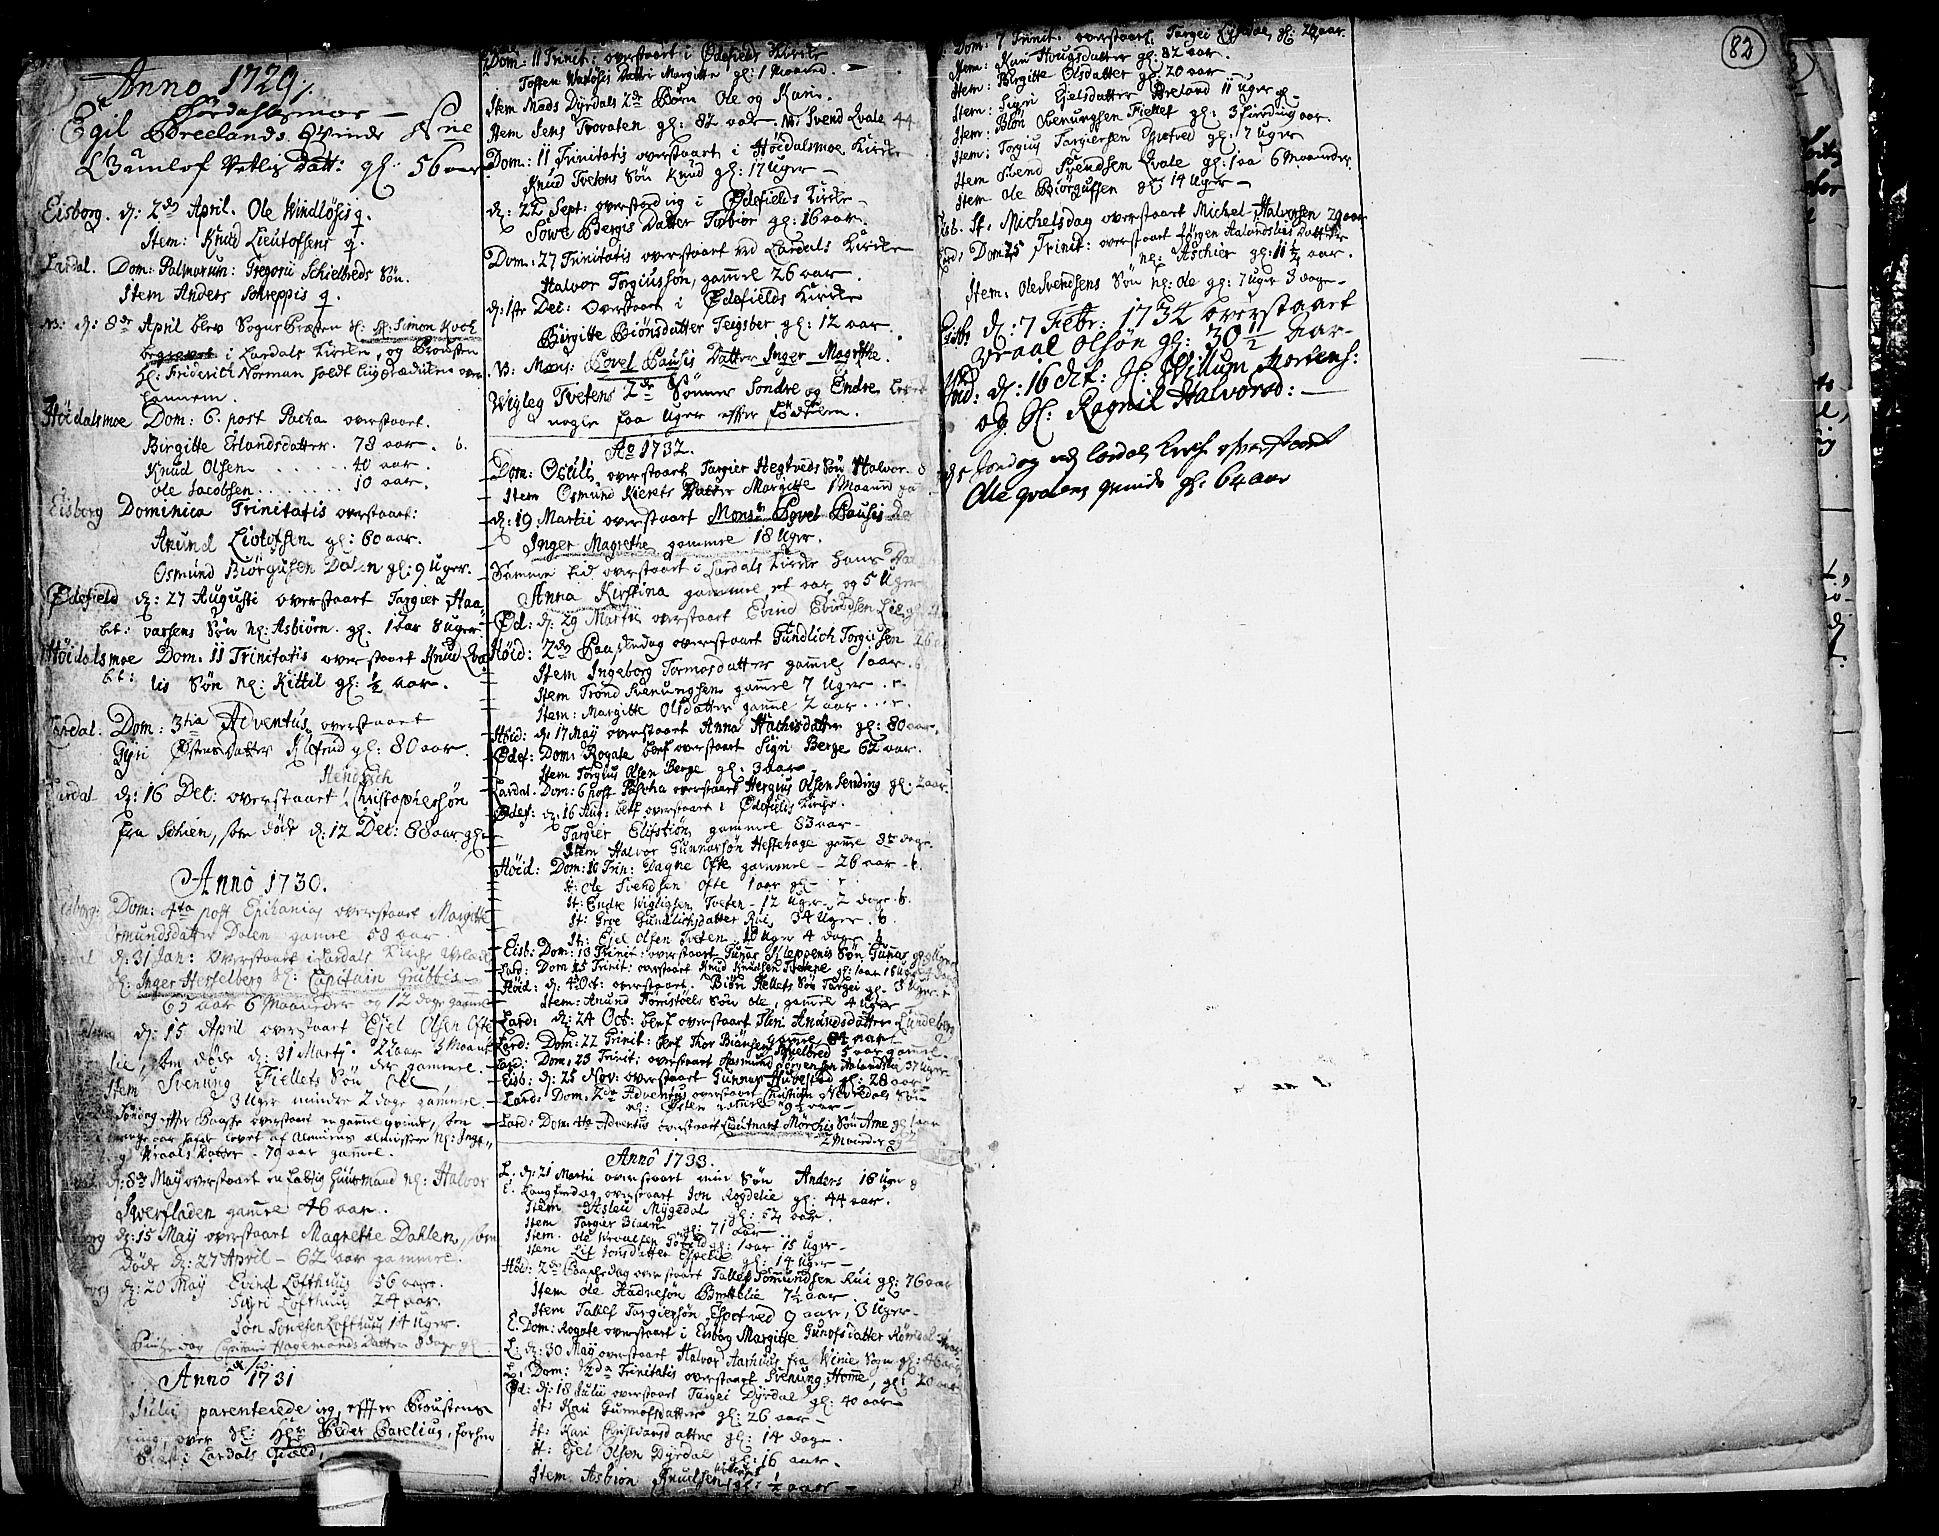 SAKO, Lårdal kirkebøker, F/Fa/L0001: Ministerialbok nr. I 1, 1721-1734, s. 82